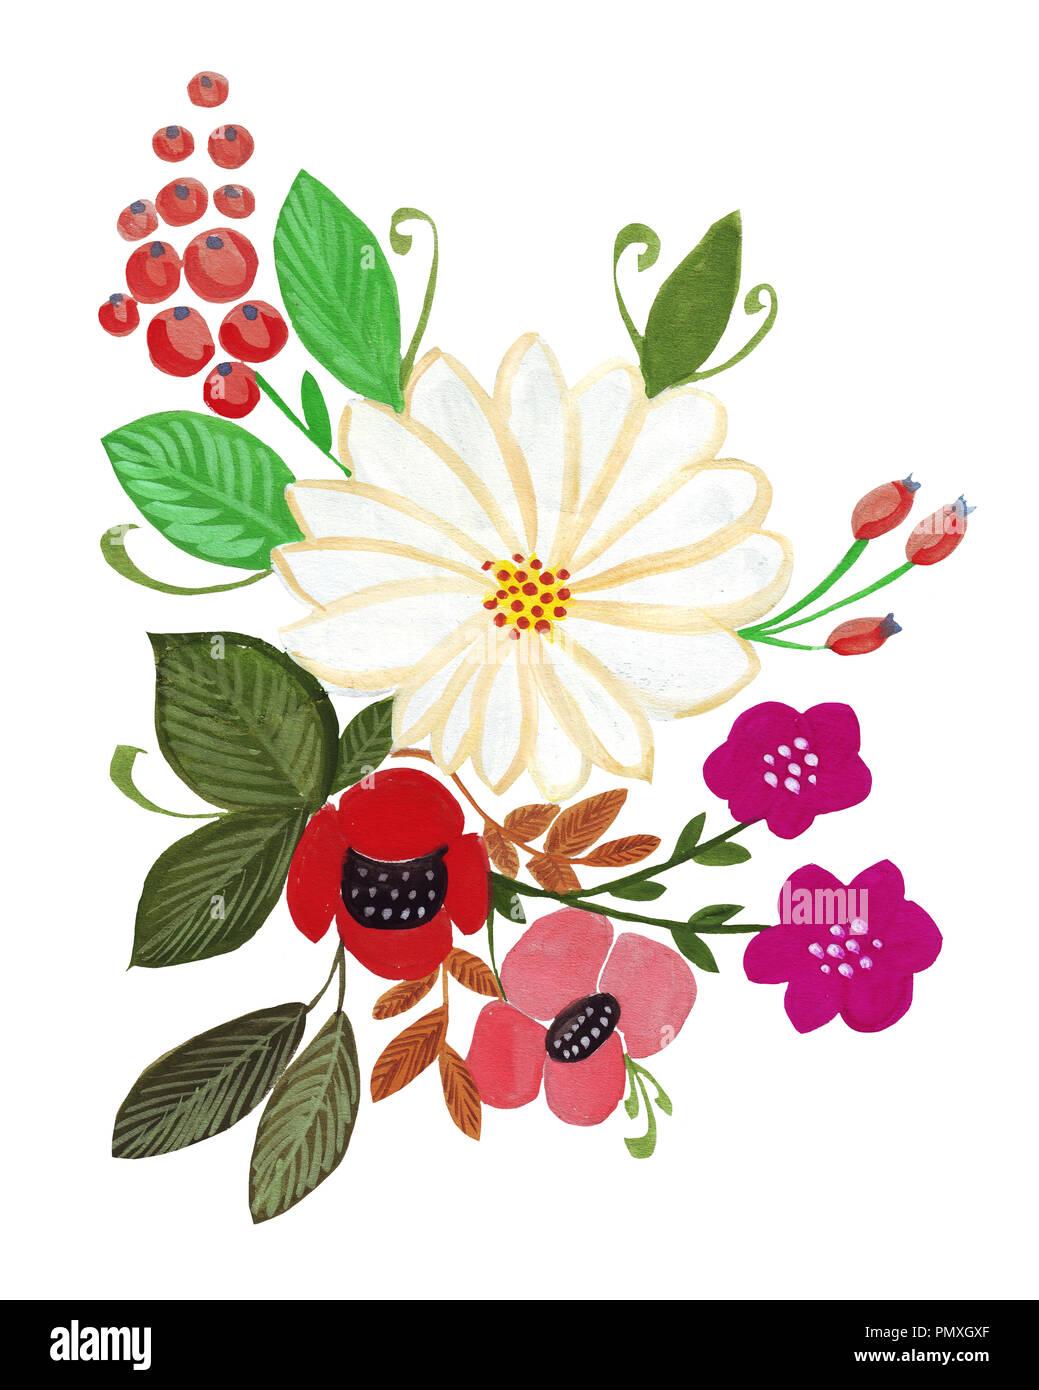 Ilustración De Dibujo A Lápiz Ramo De Flores De Colores Brillantes